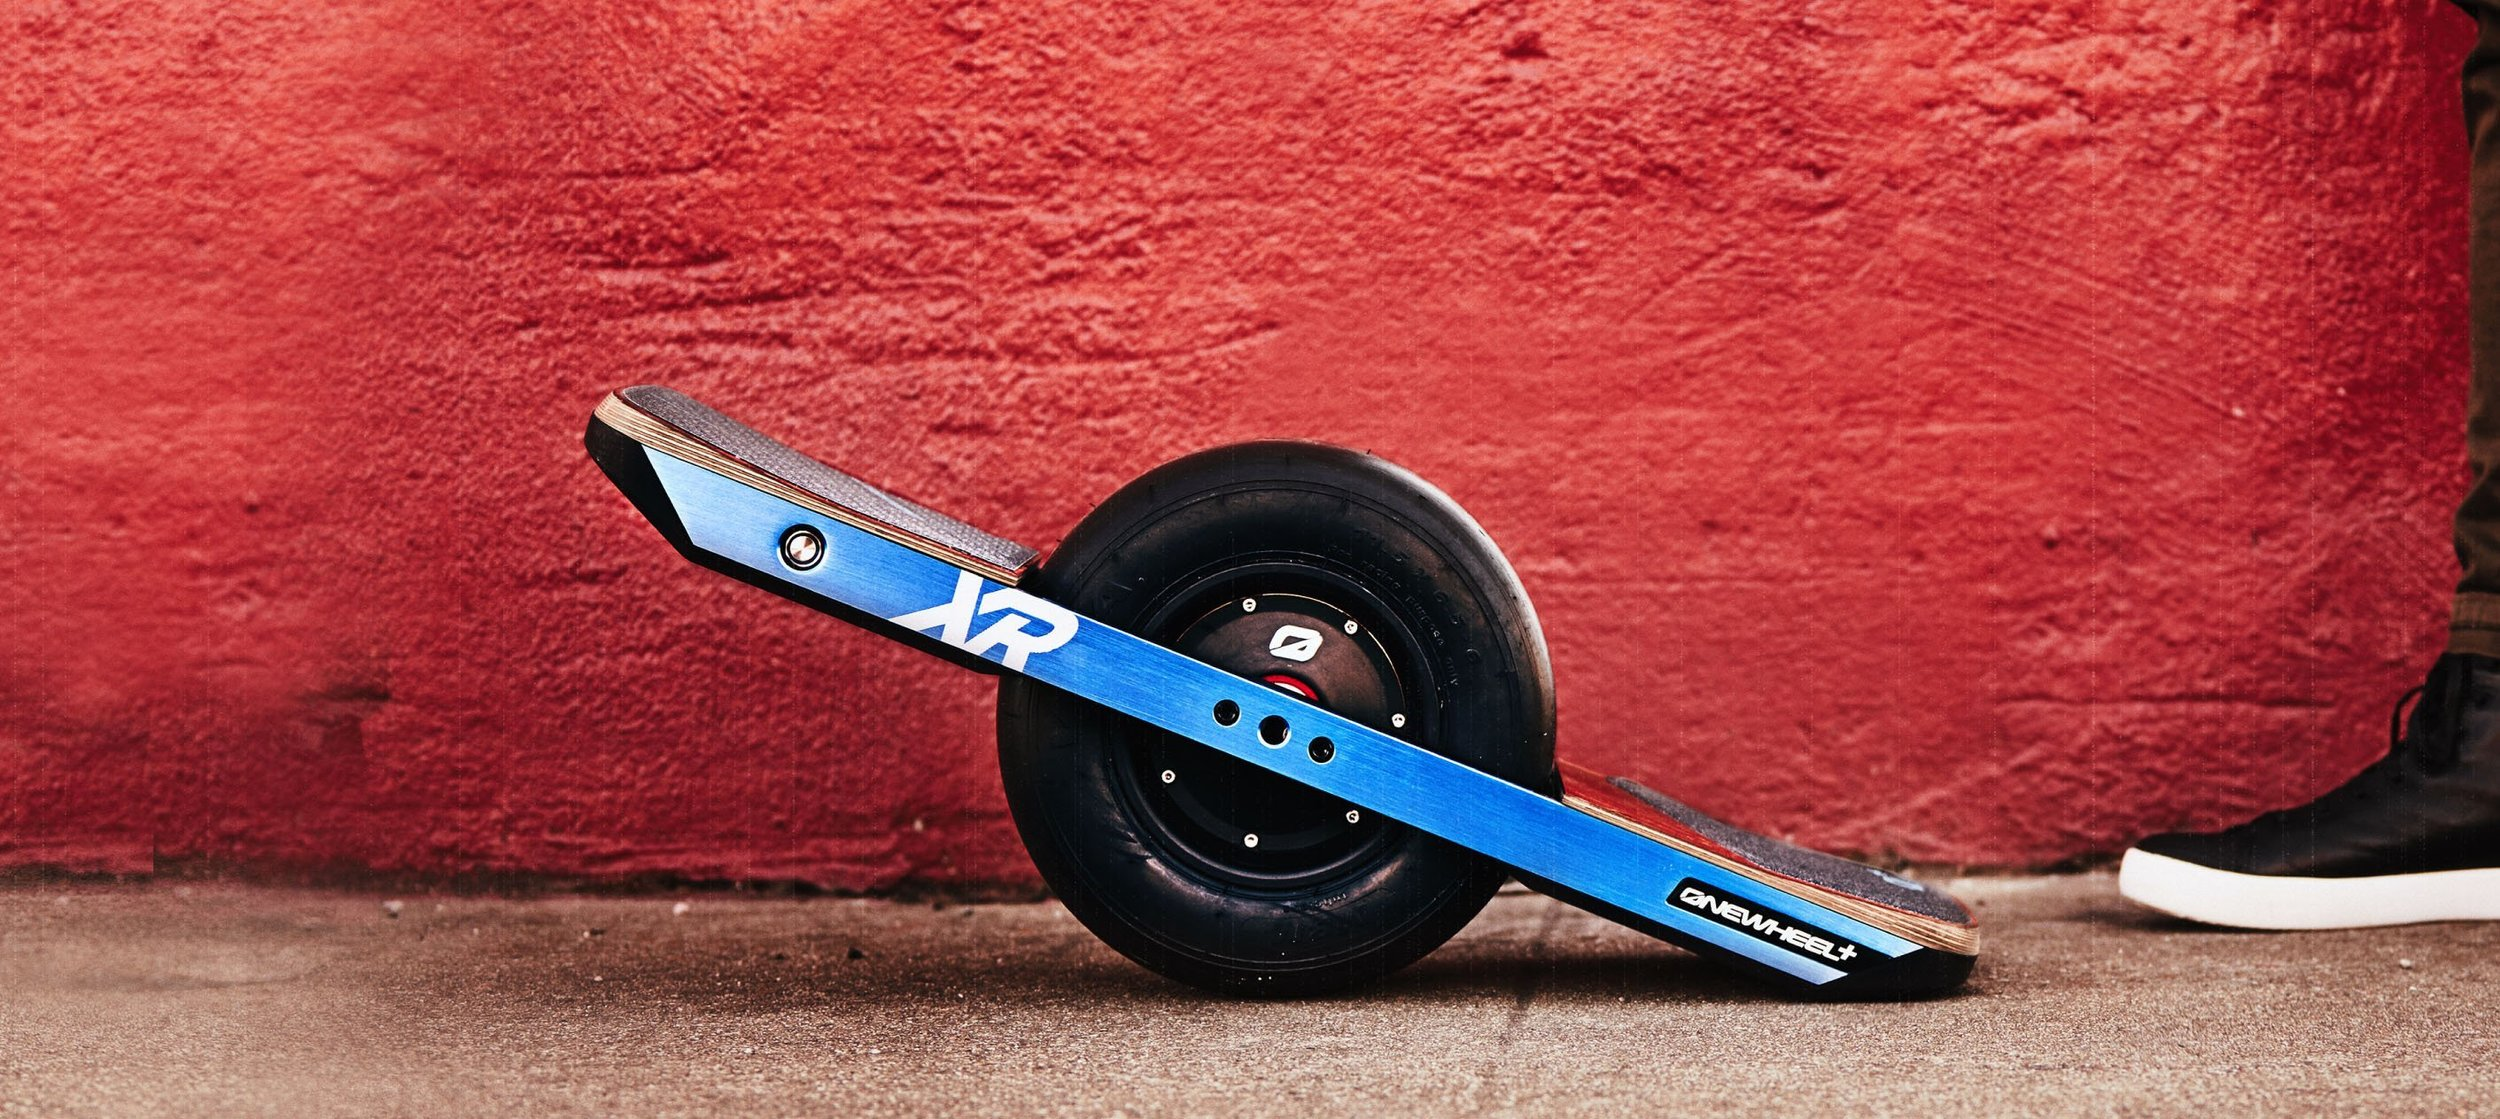 Onewheel+ XR